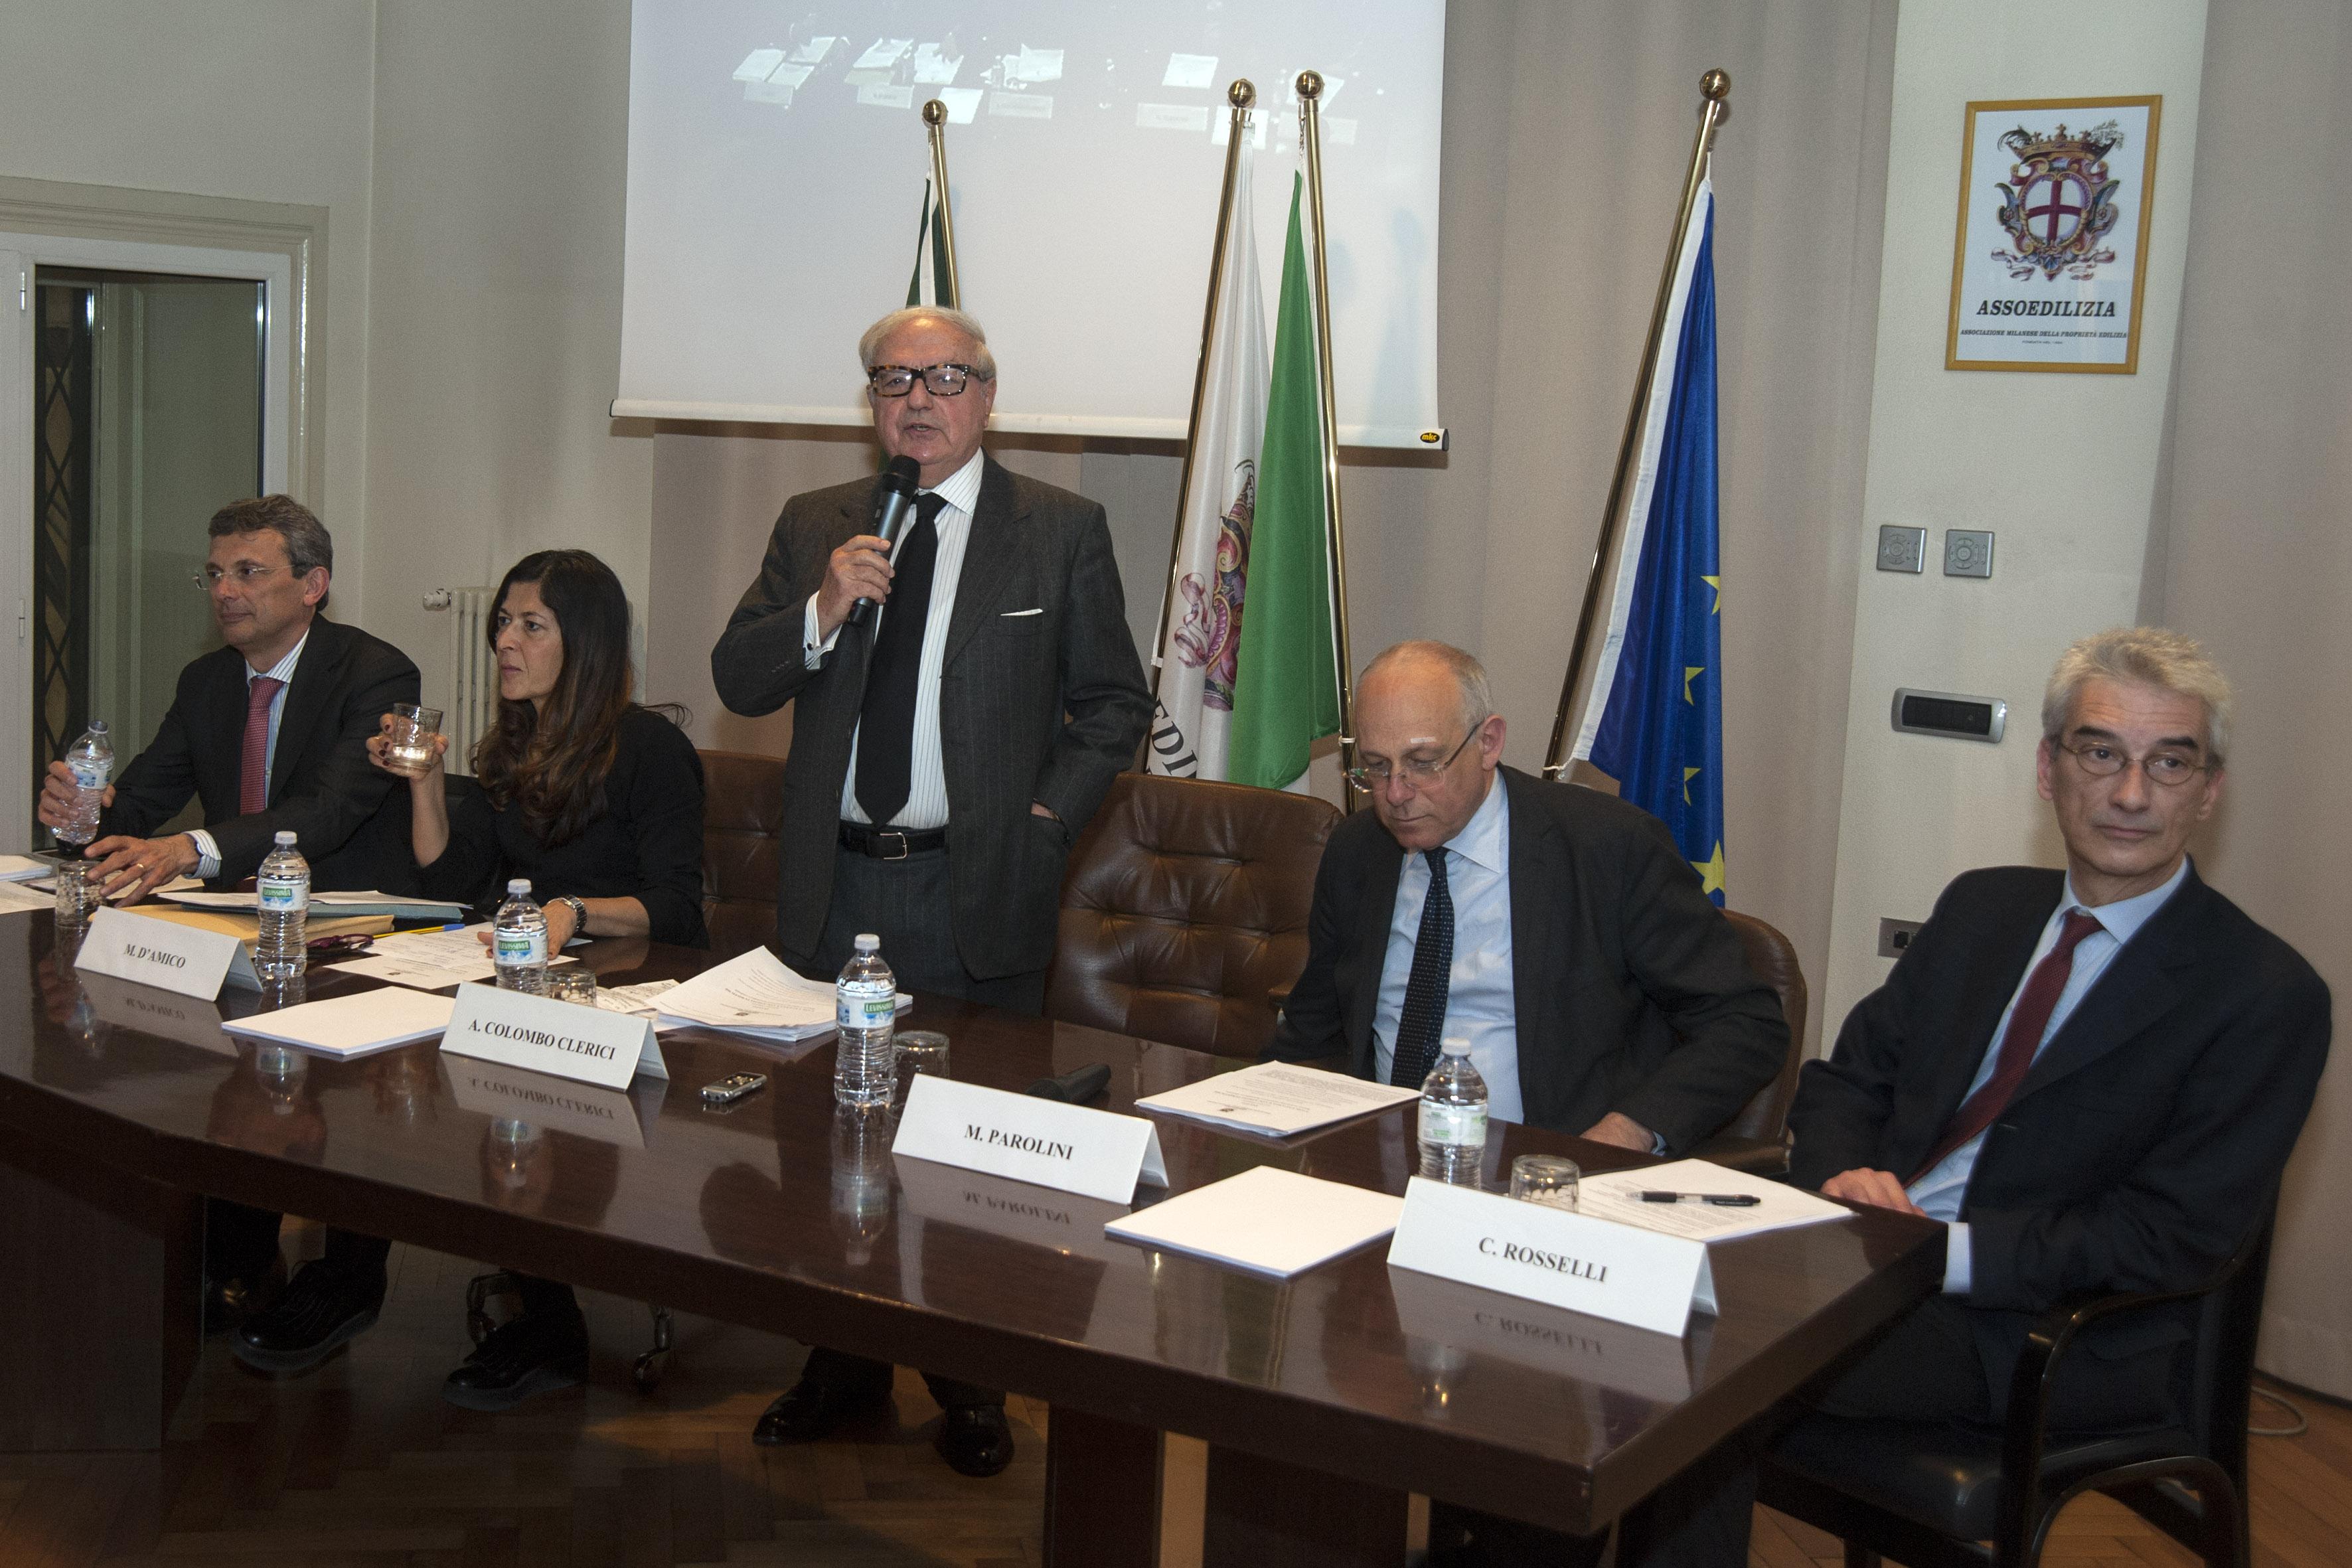 Accordo assoedilizia regione lombardia per migliorare l - Legge sulle locazioni ...